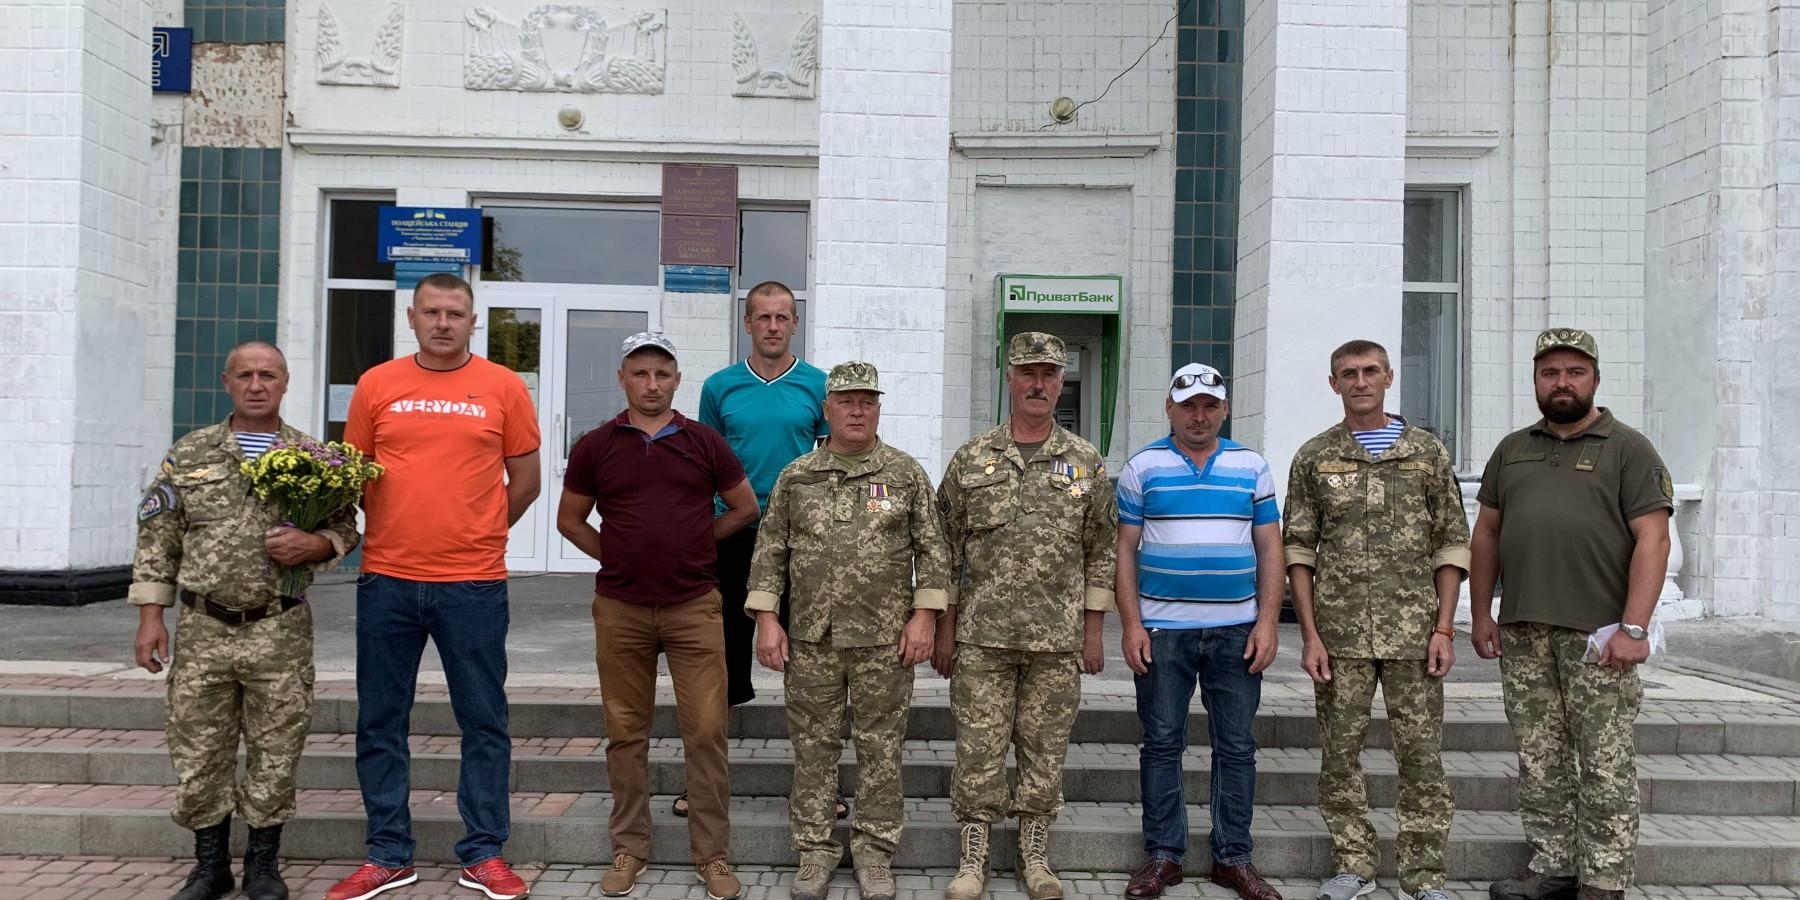 Вручення нагрудних знаків «Учасник АТО» жителям громади, які брали участь в антитерористичній операції на сході України